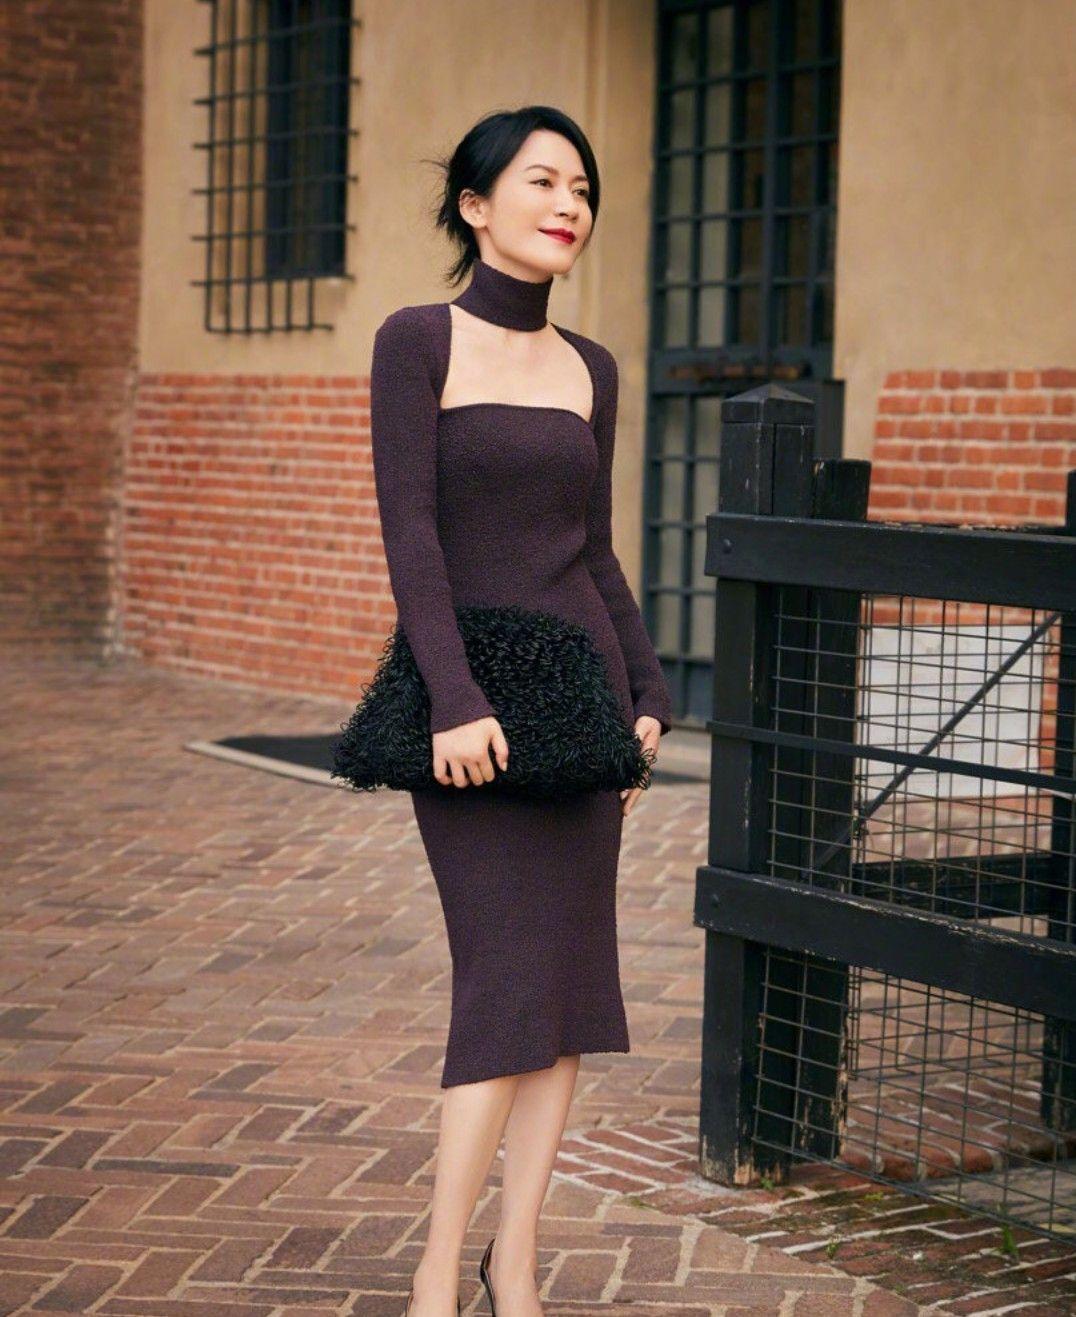 俞飞鸿穿搭look,黑色针织裙,尽显完美好身材